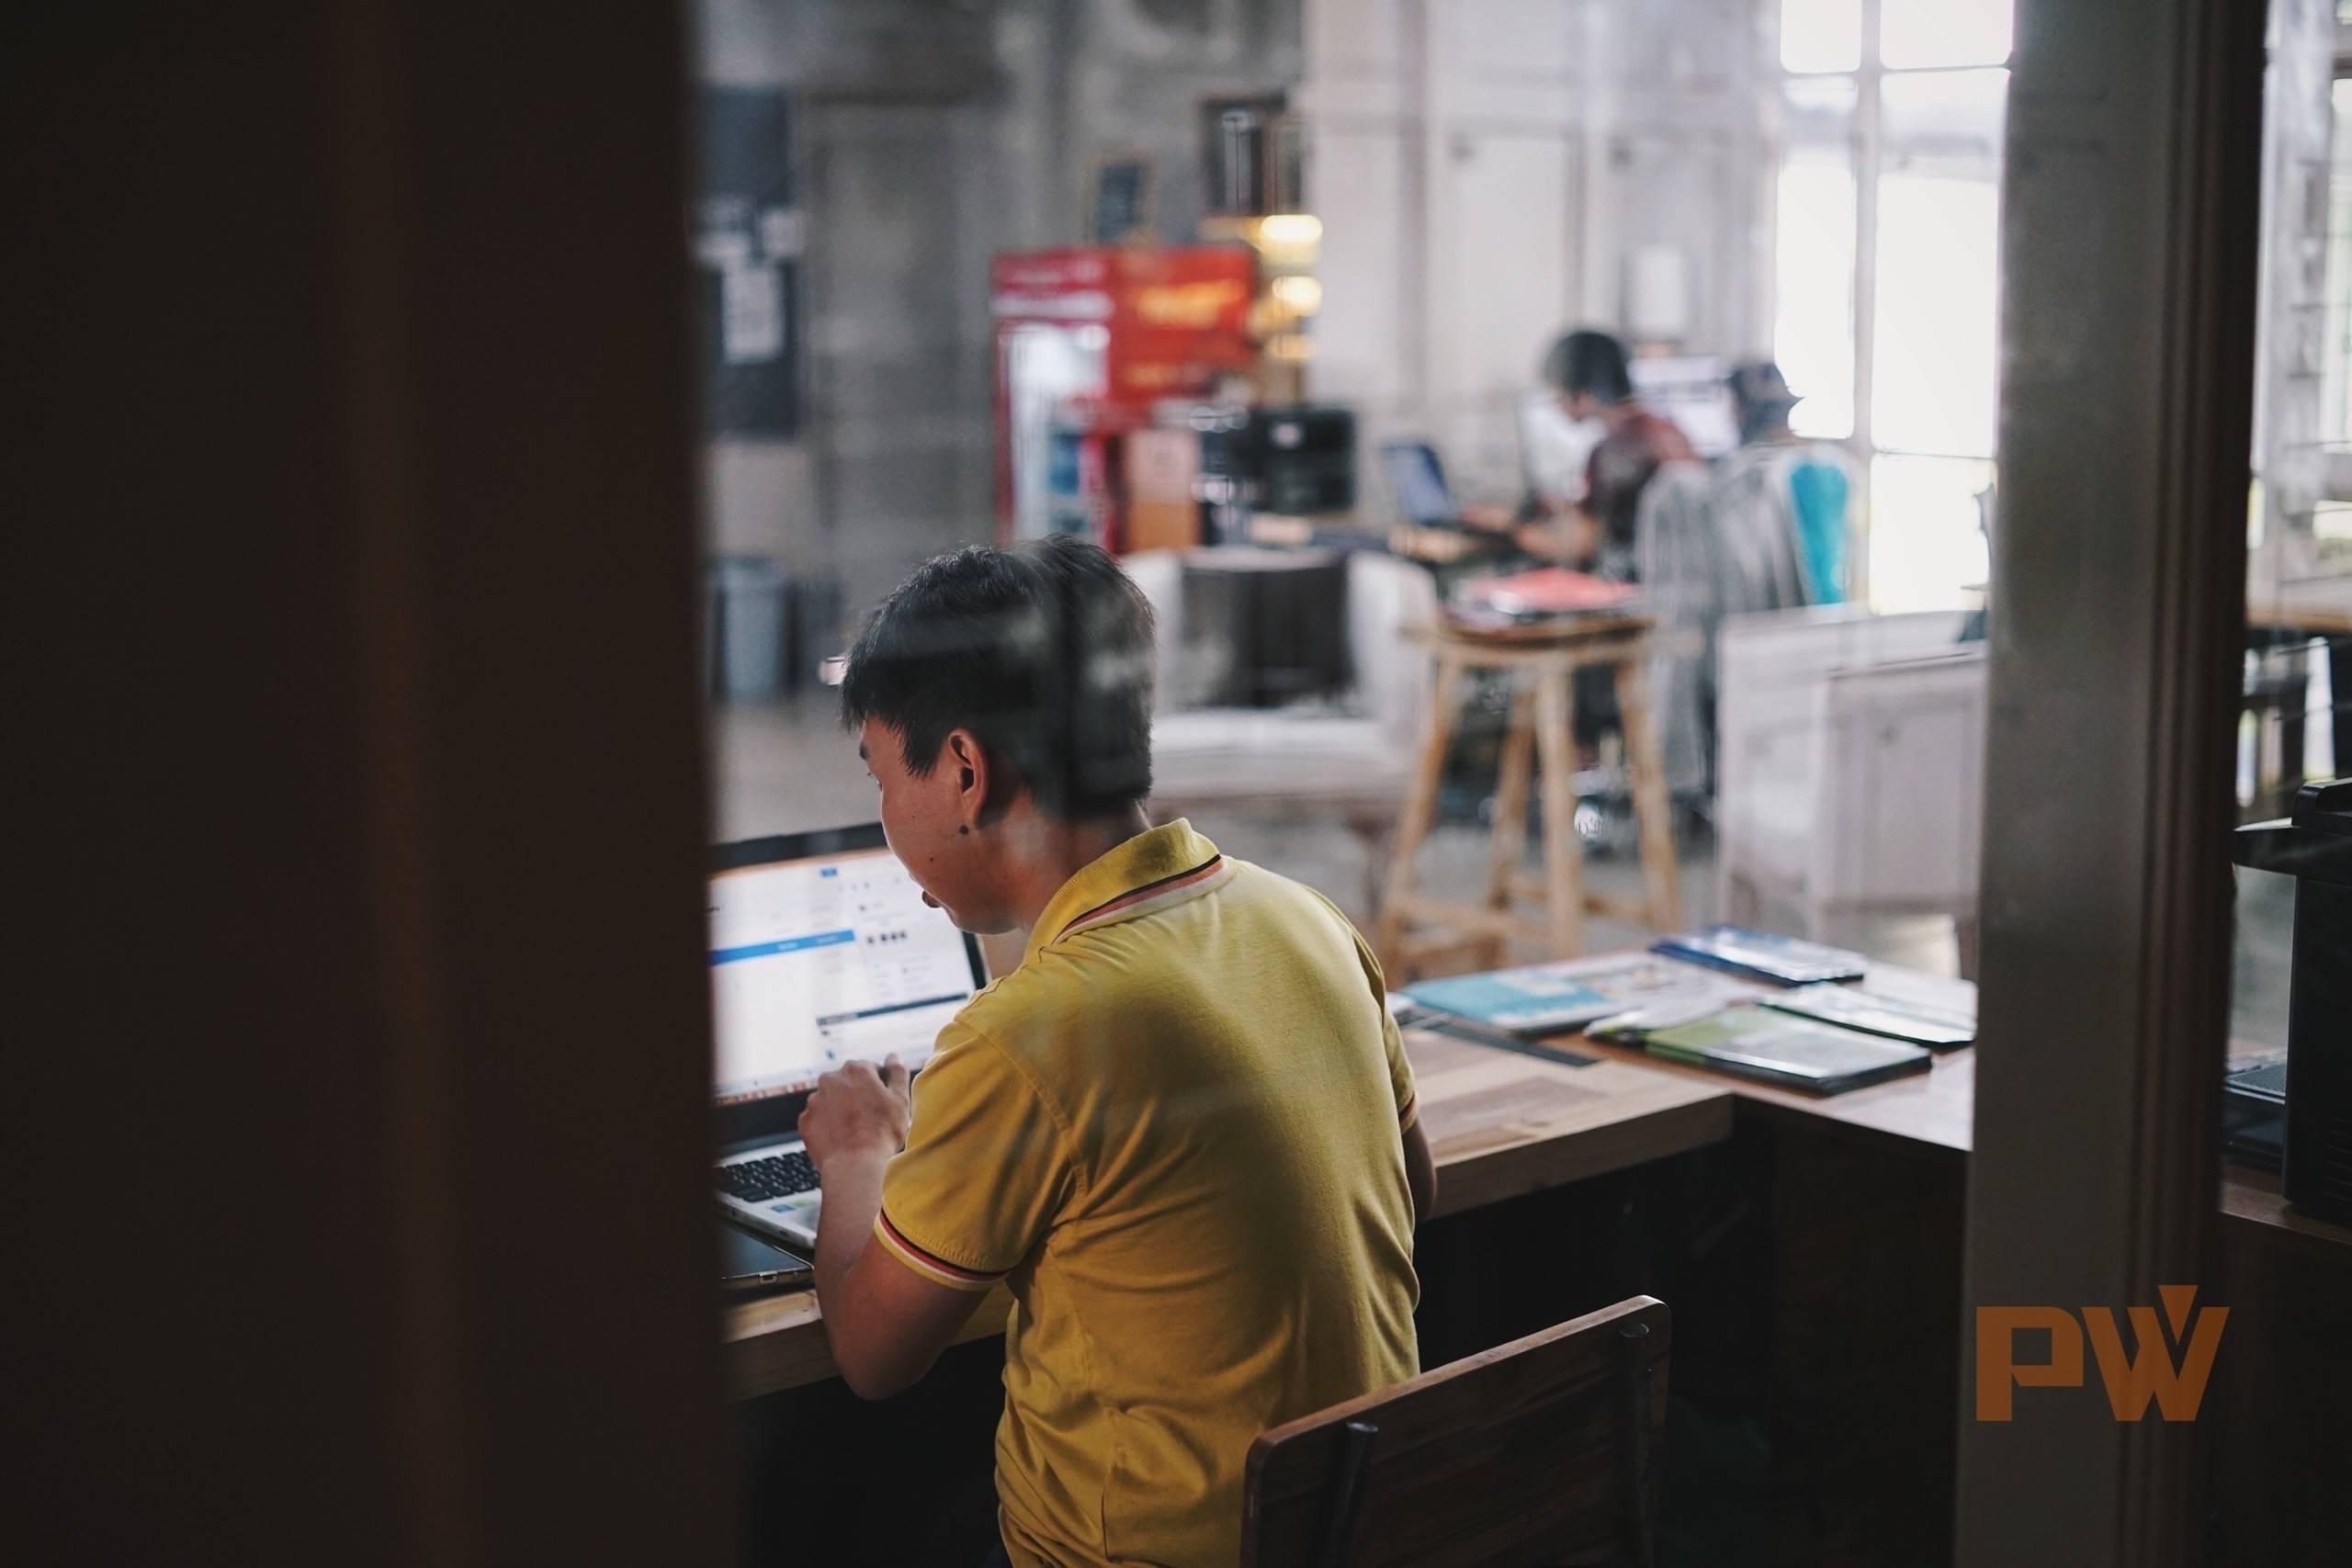 在巴厘岛,共享办公空间是创业者、设计师和各种自由职业者最热衷的办公地点和社交场合 / 图 by 光谱